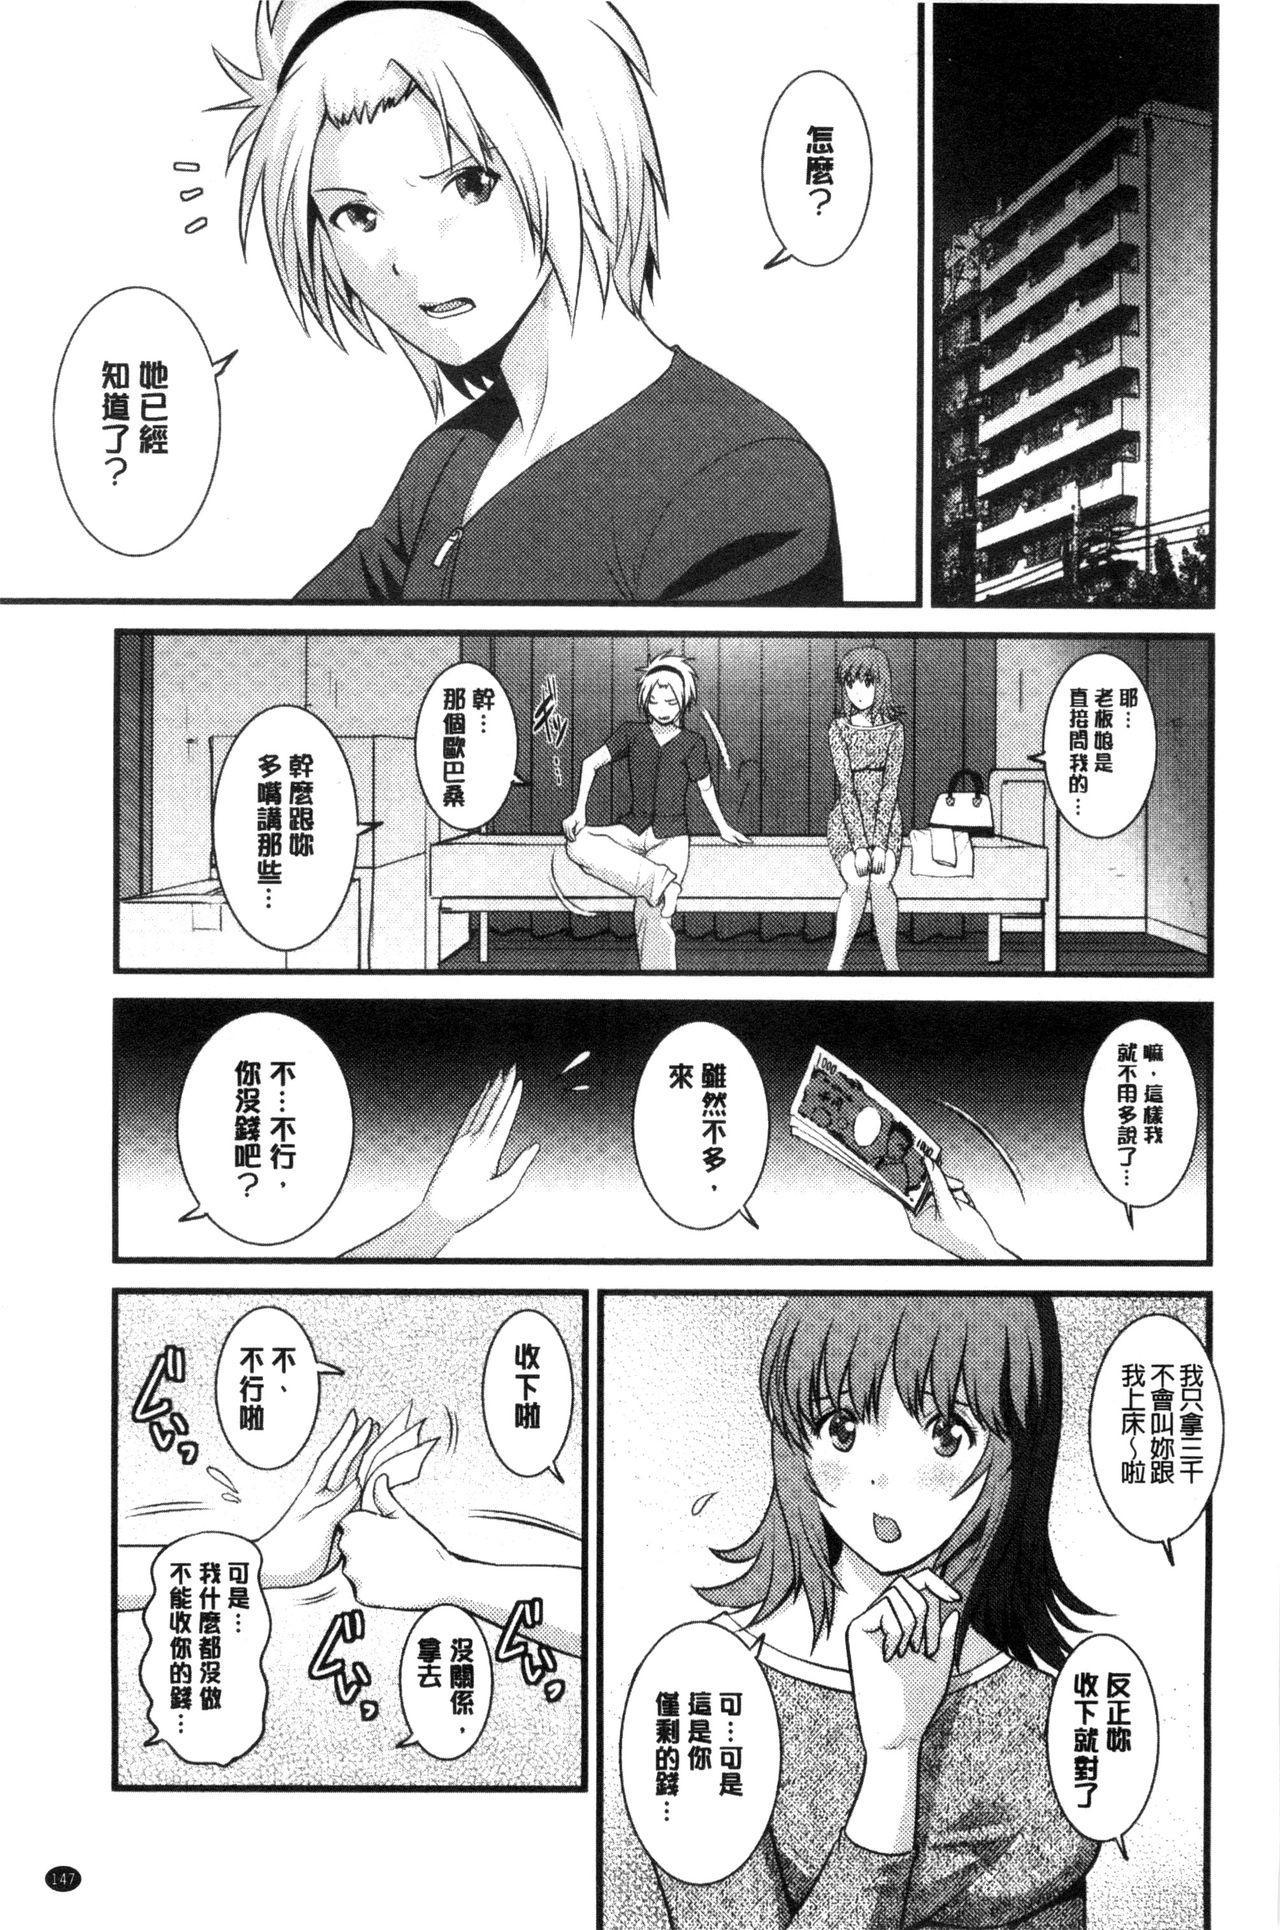 [Saigado] Part Time Manaka-san Wakazuma Enjokousai-ki | 兼職打工的愛花小姐 [Chinese] 147